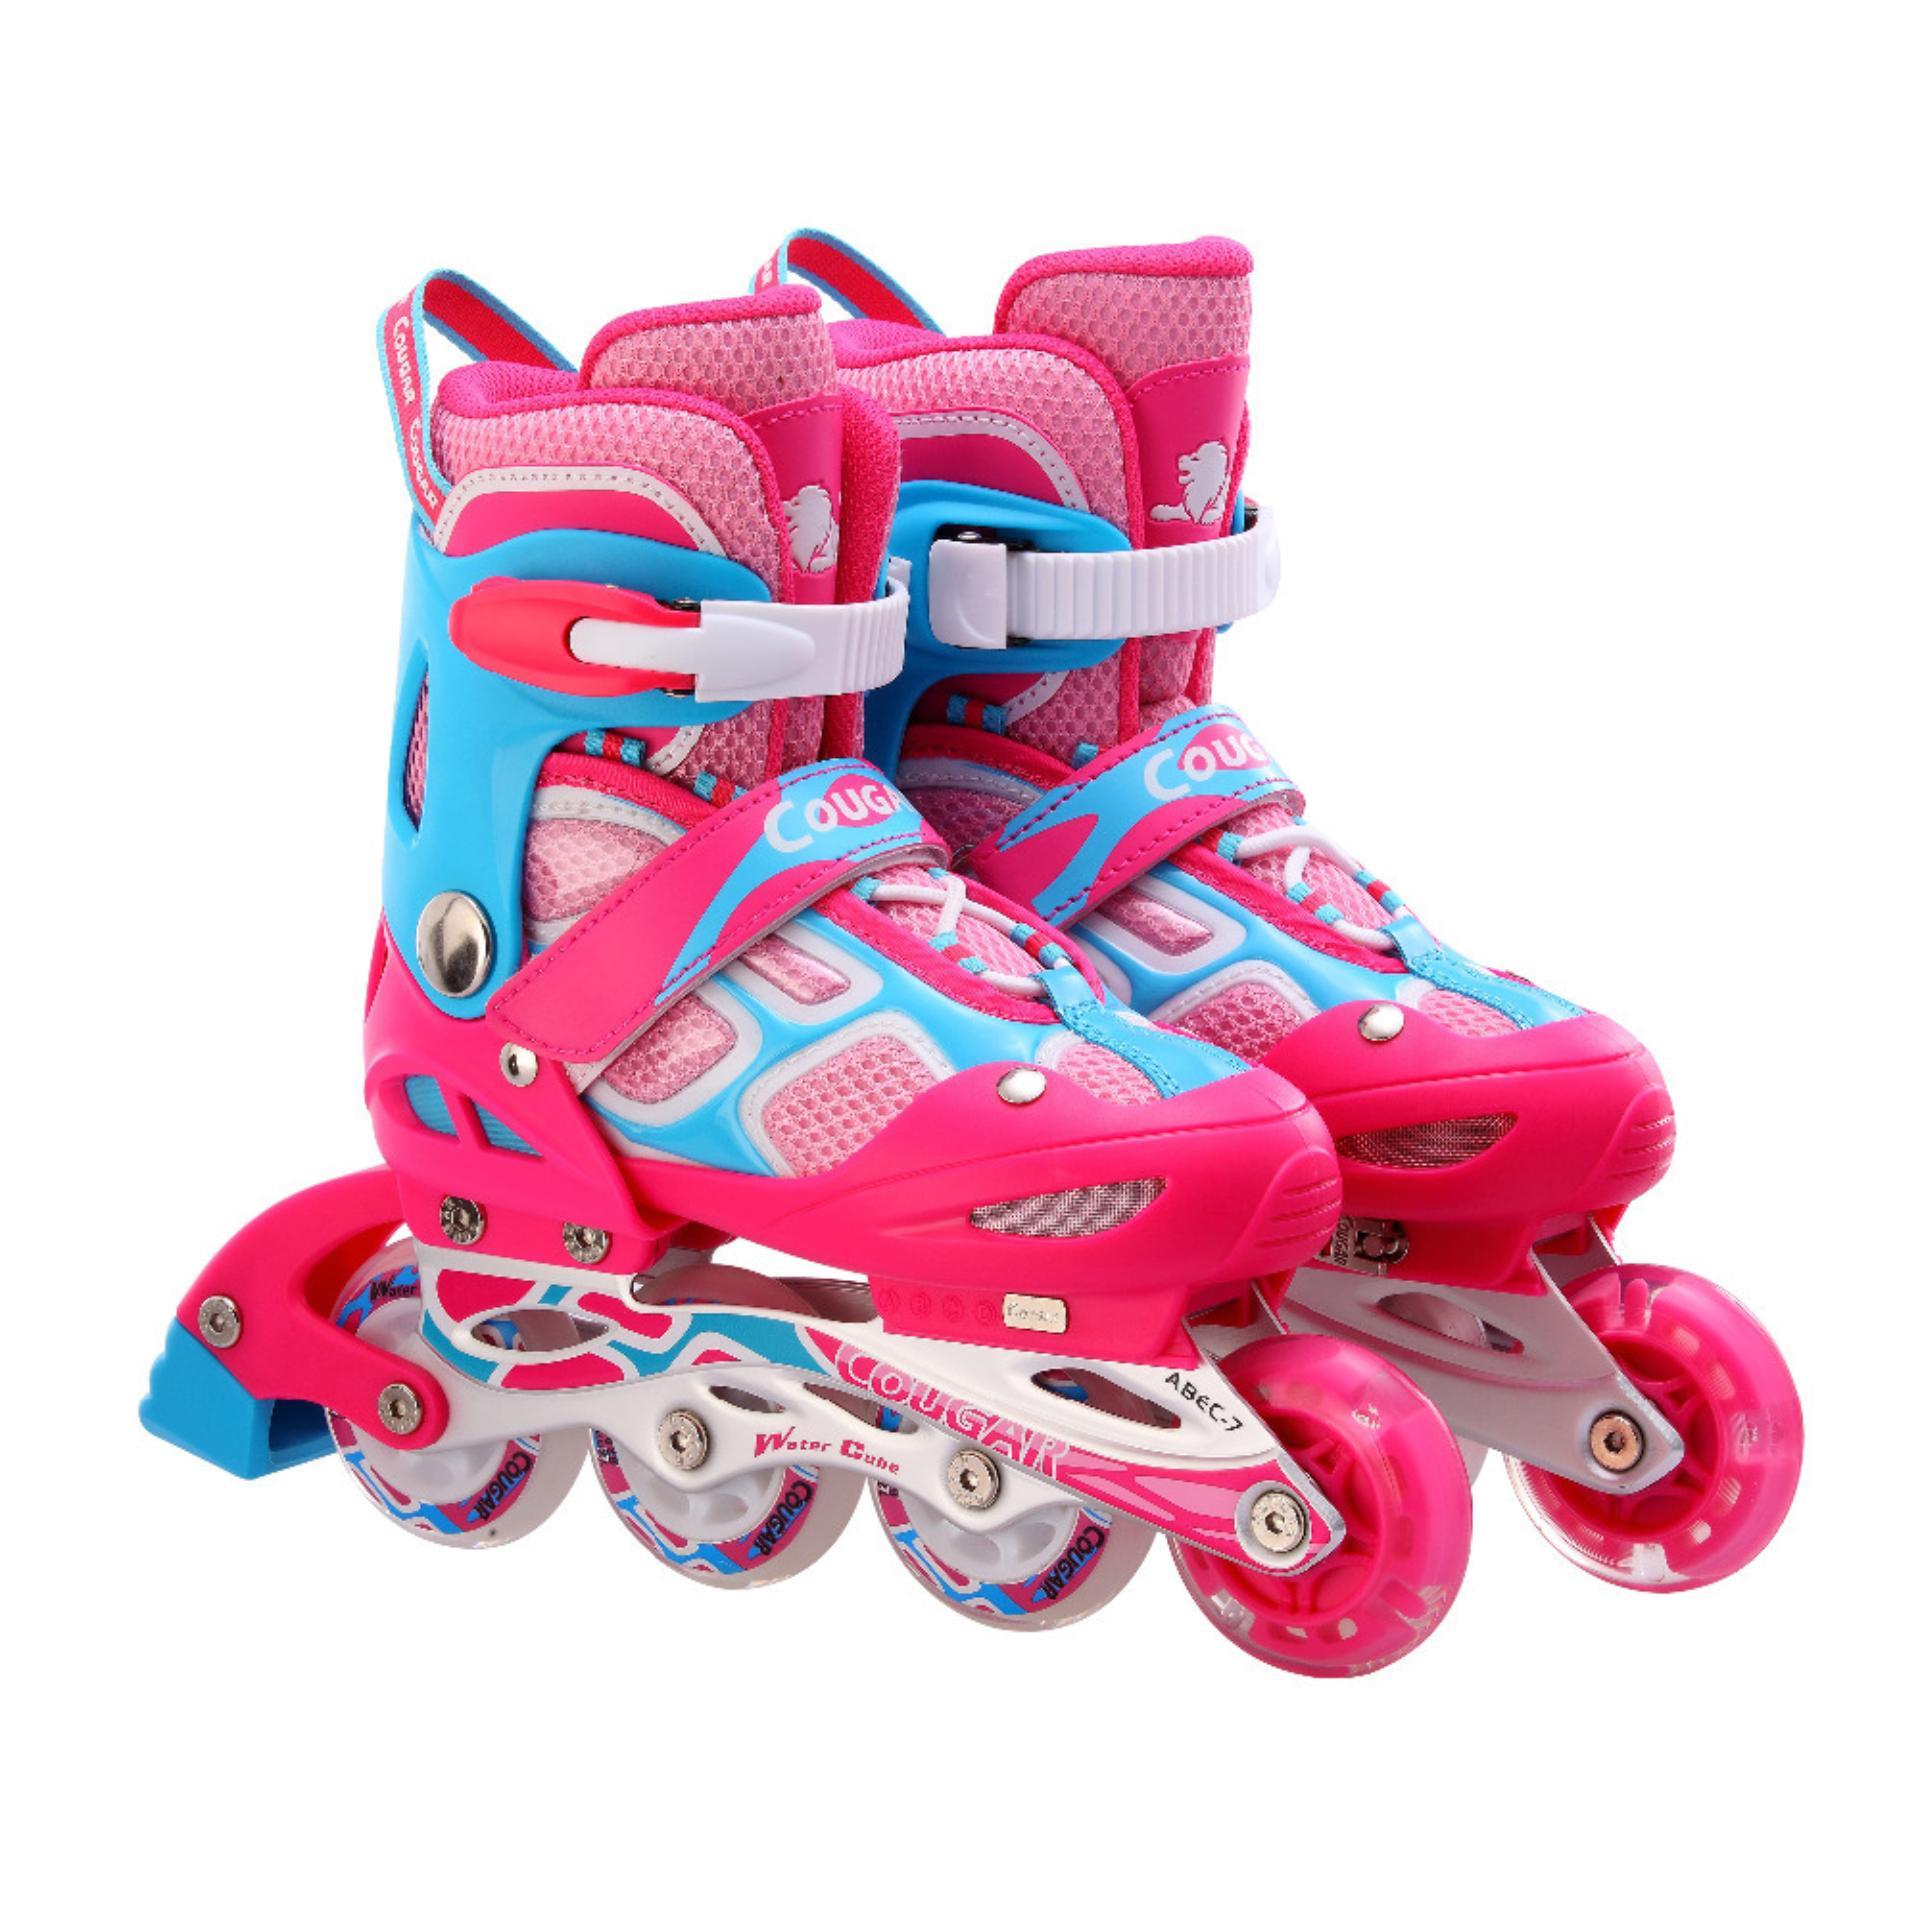 Giày trượt patin Cougar màu hồng xanh có đèn